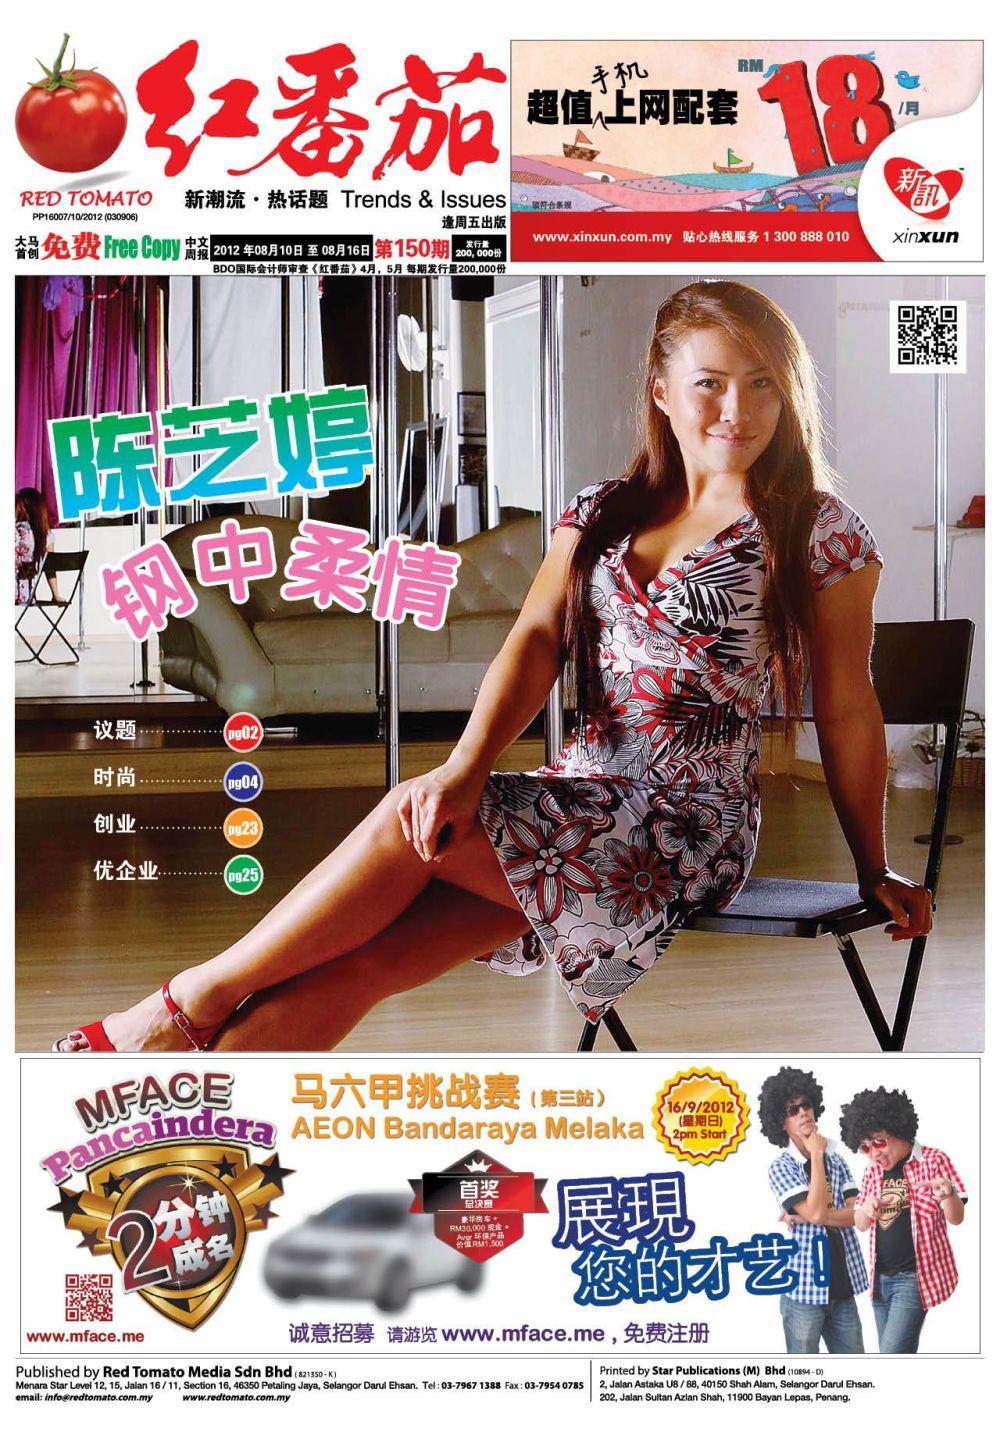 RedTomato News Cover